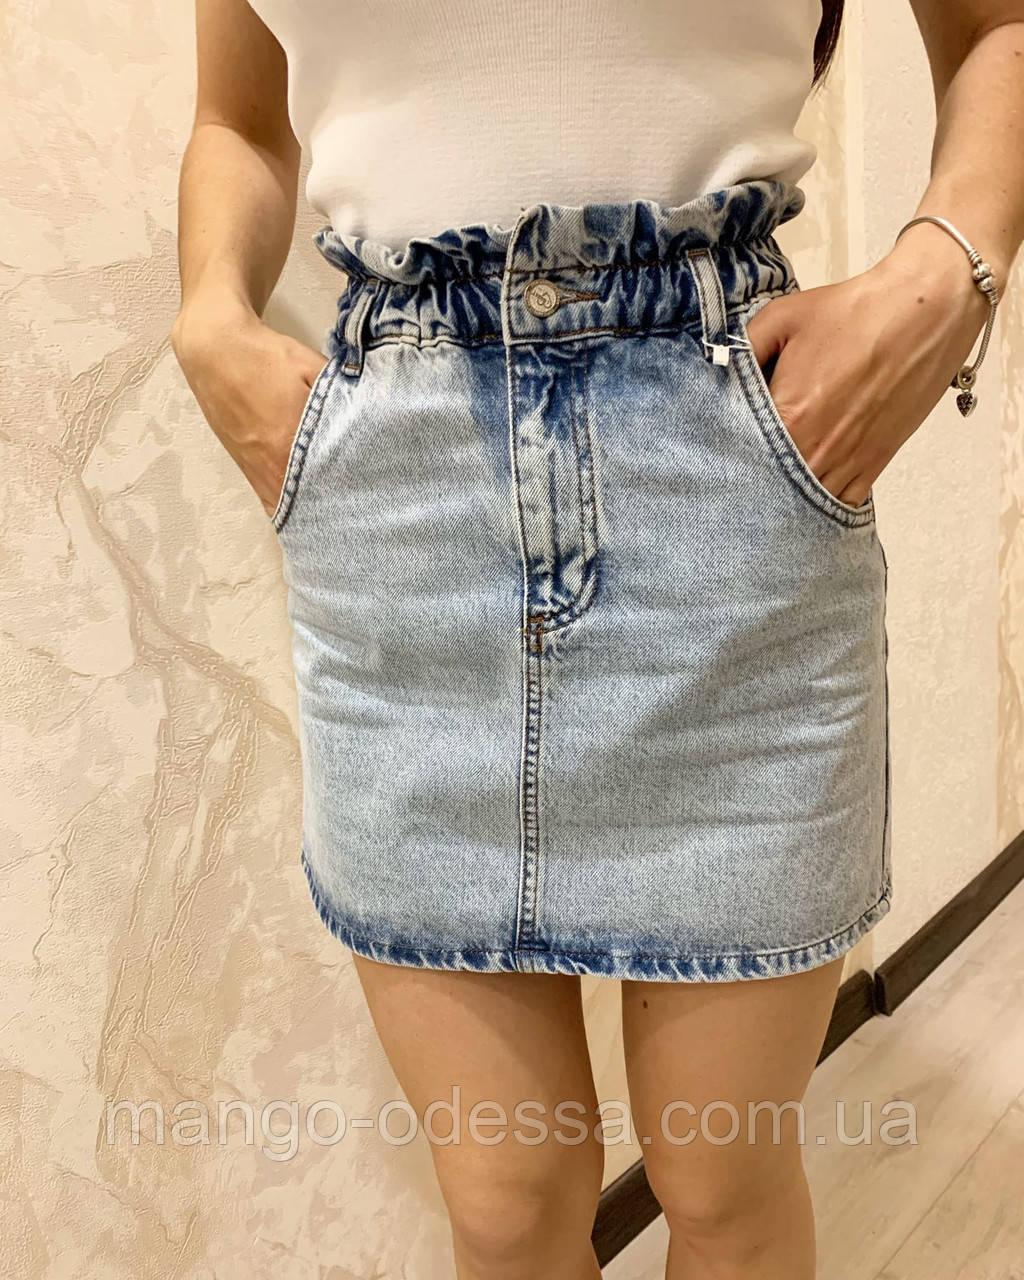 Стильная джинсовая юбка на резинке Размеры: 34,36,38,40,42